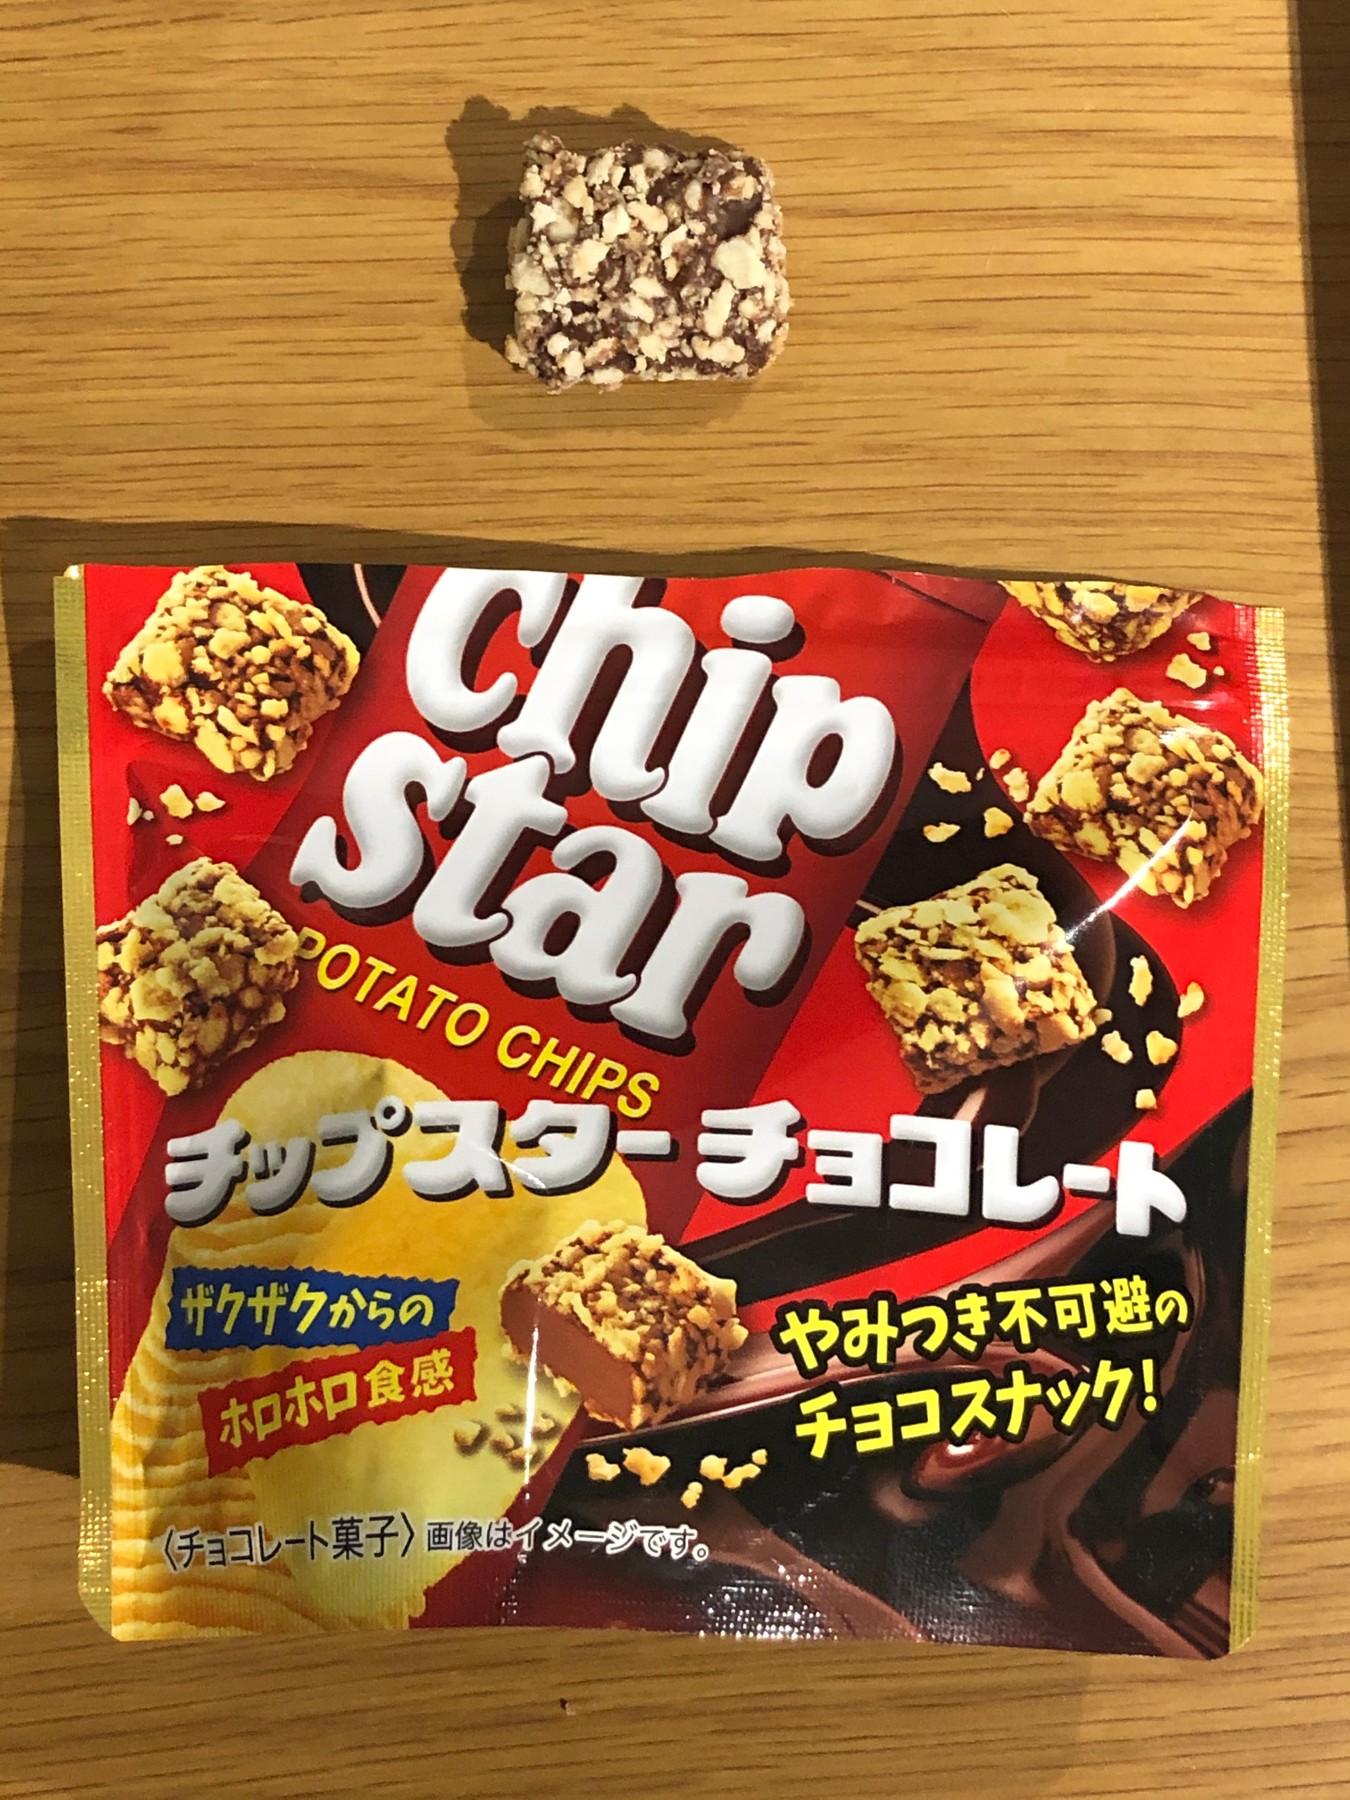 Chip Star チップスターチョコレート